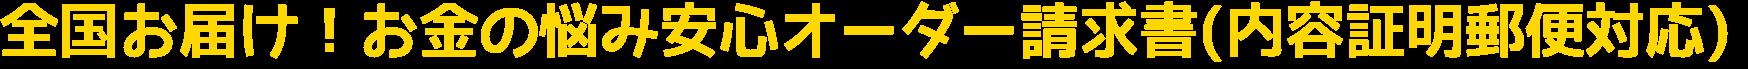 日本全国お届け!お金の悩みも安心簡単セミオーダーお金の請求書(内容証明郵便対応)販売店produce by オフィスナオ